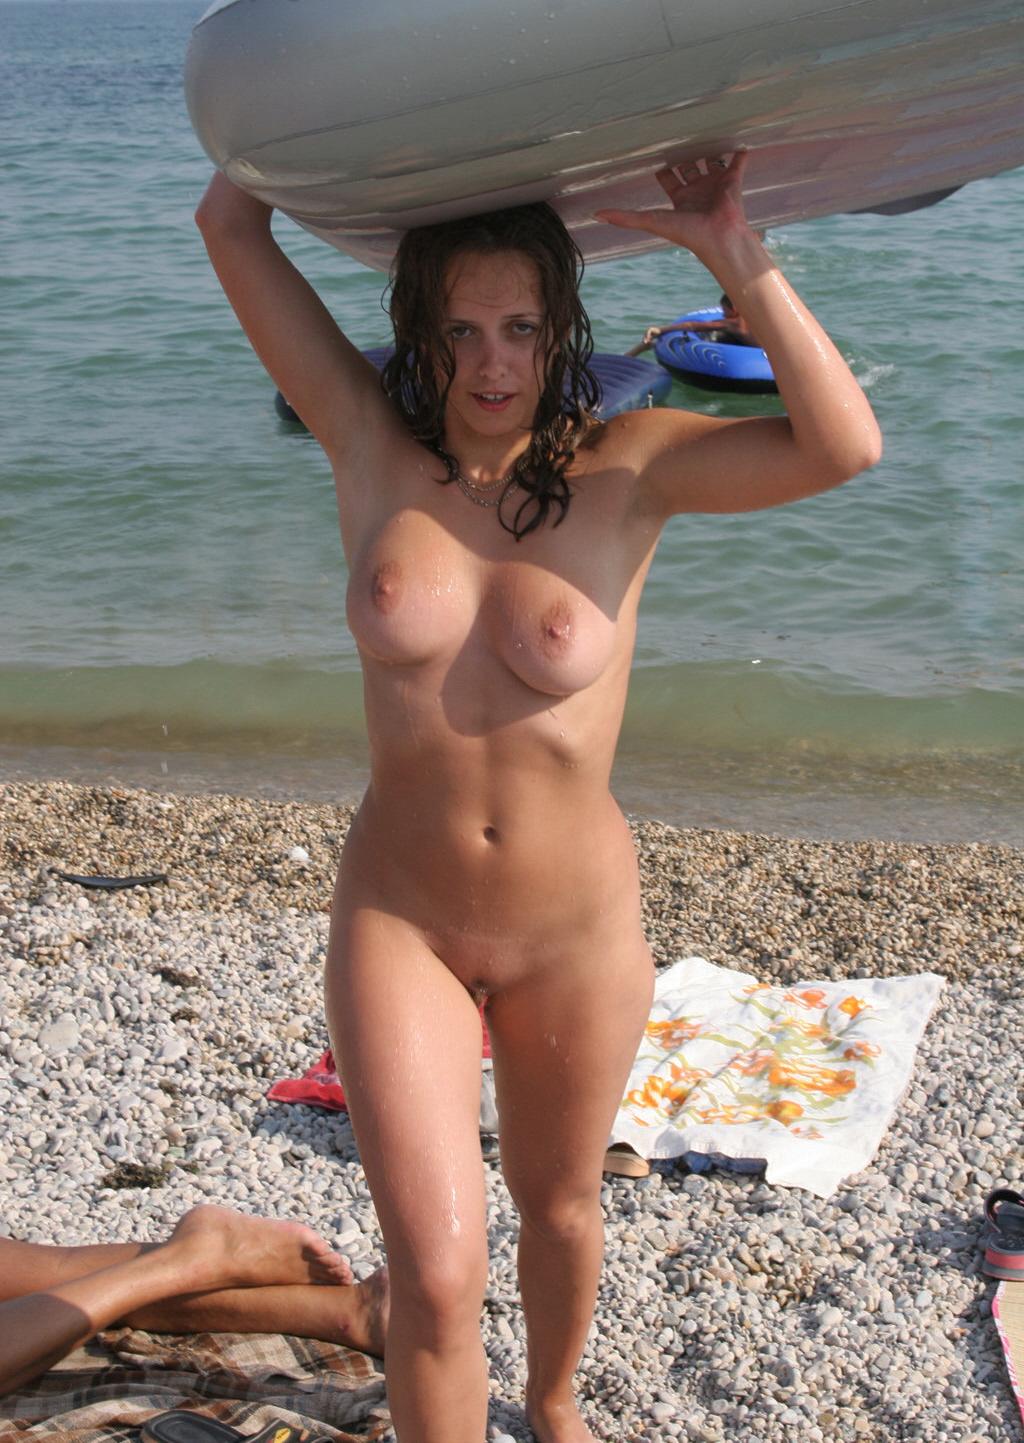 фото женской груди в нижнем белье